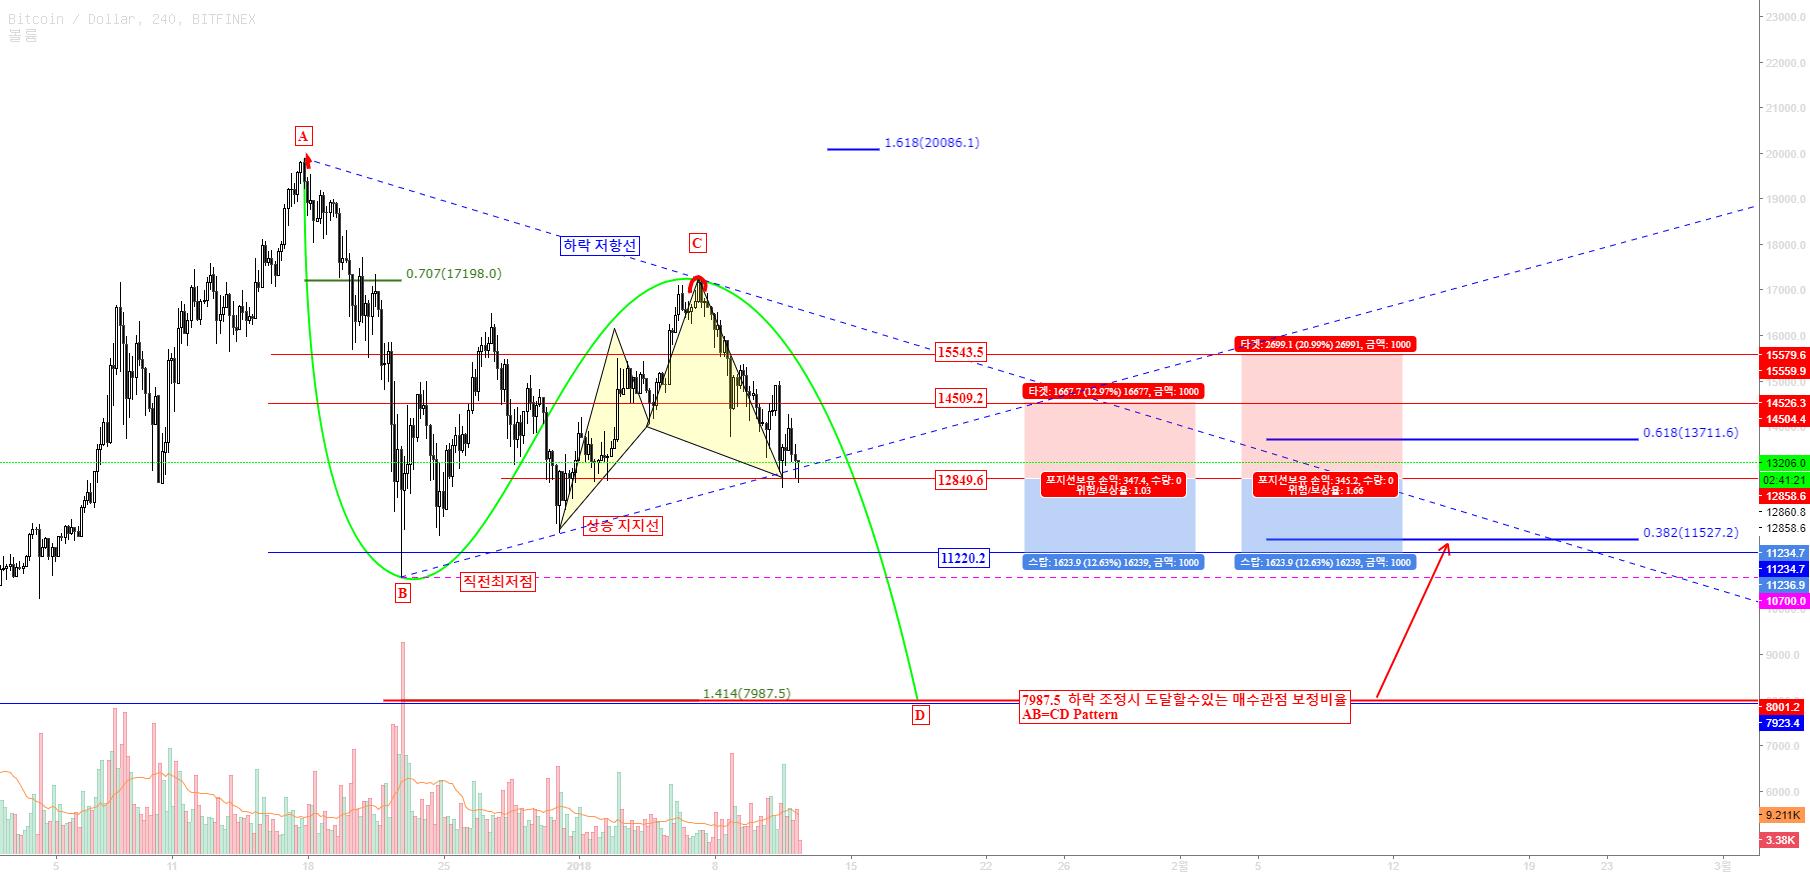 BTCUSD / Bitcoin / 비트코인 차트 패턴분석 가격대응 (비디오 차트분석)